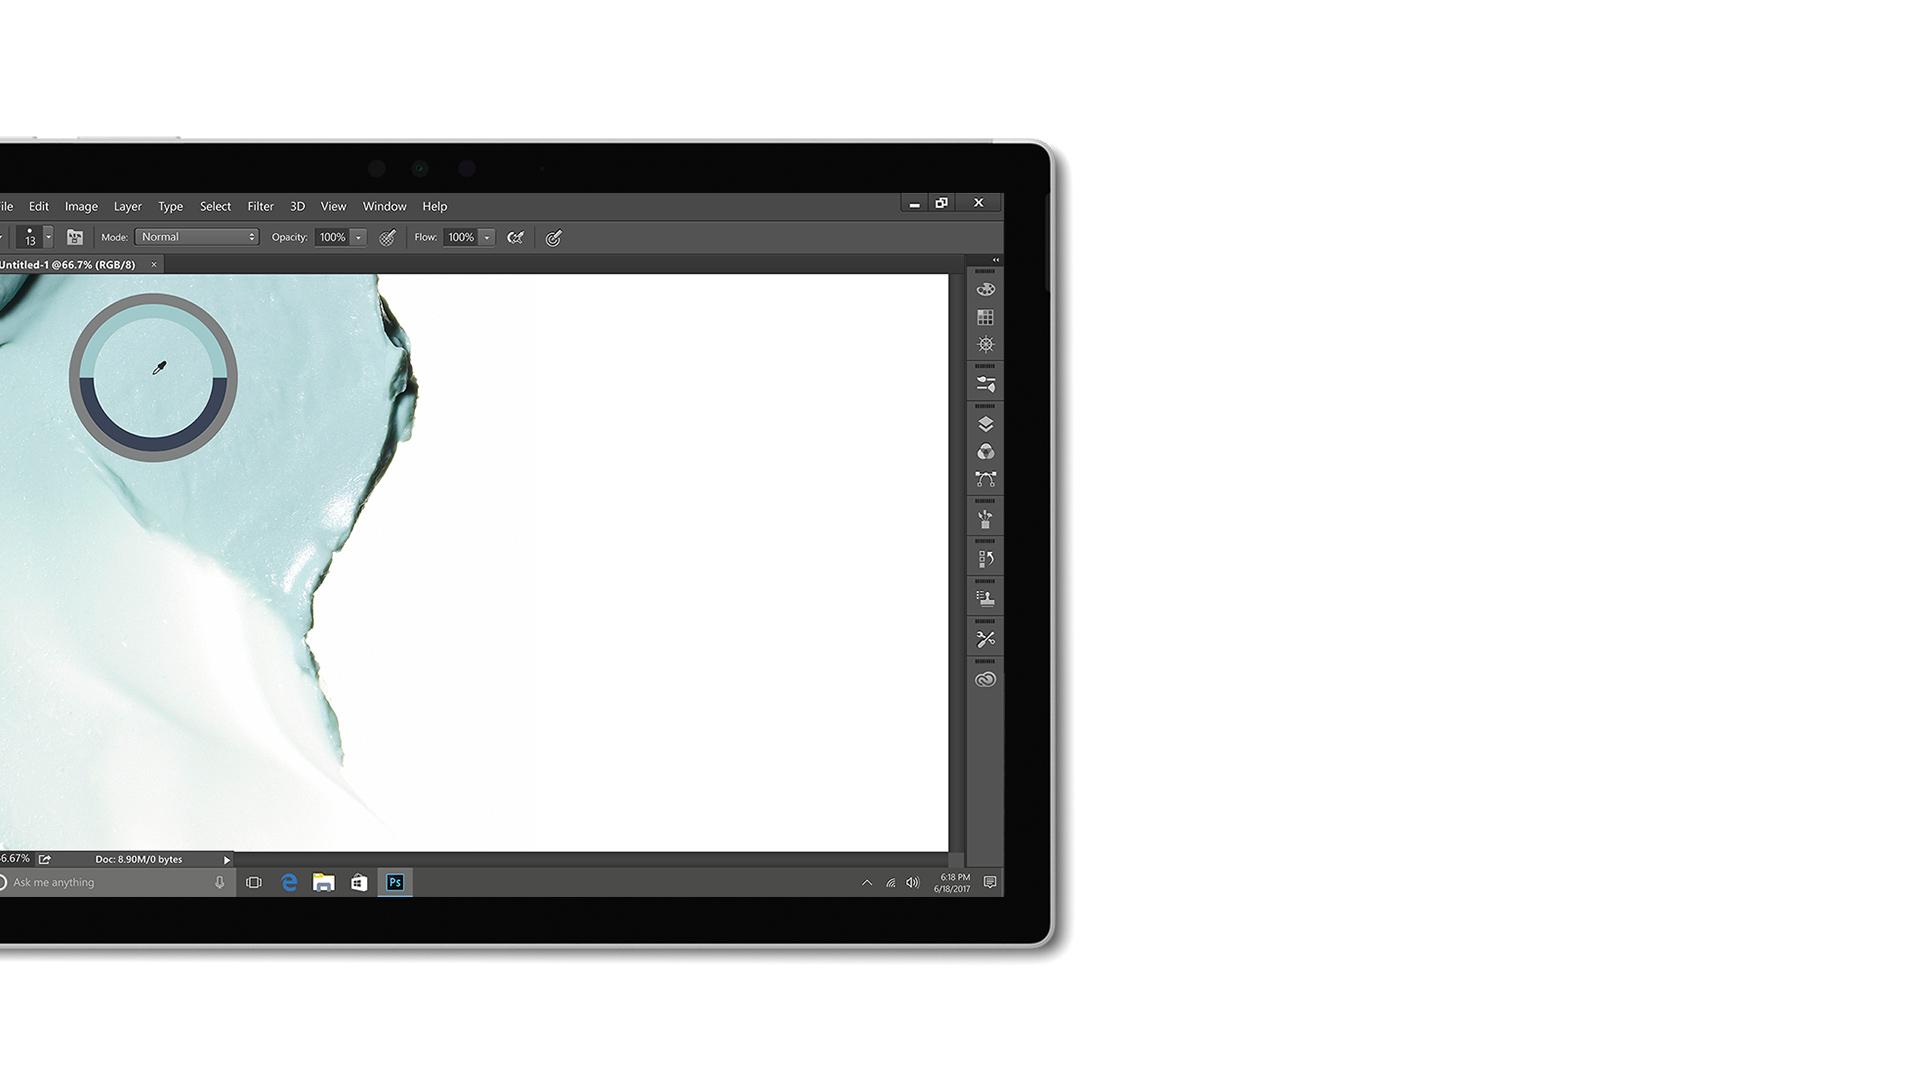 ภาพหน้าจอของแอป Creative Cloud บน Surface